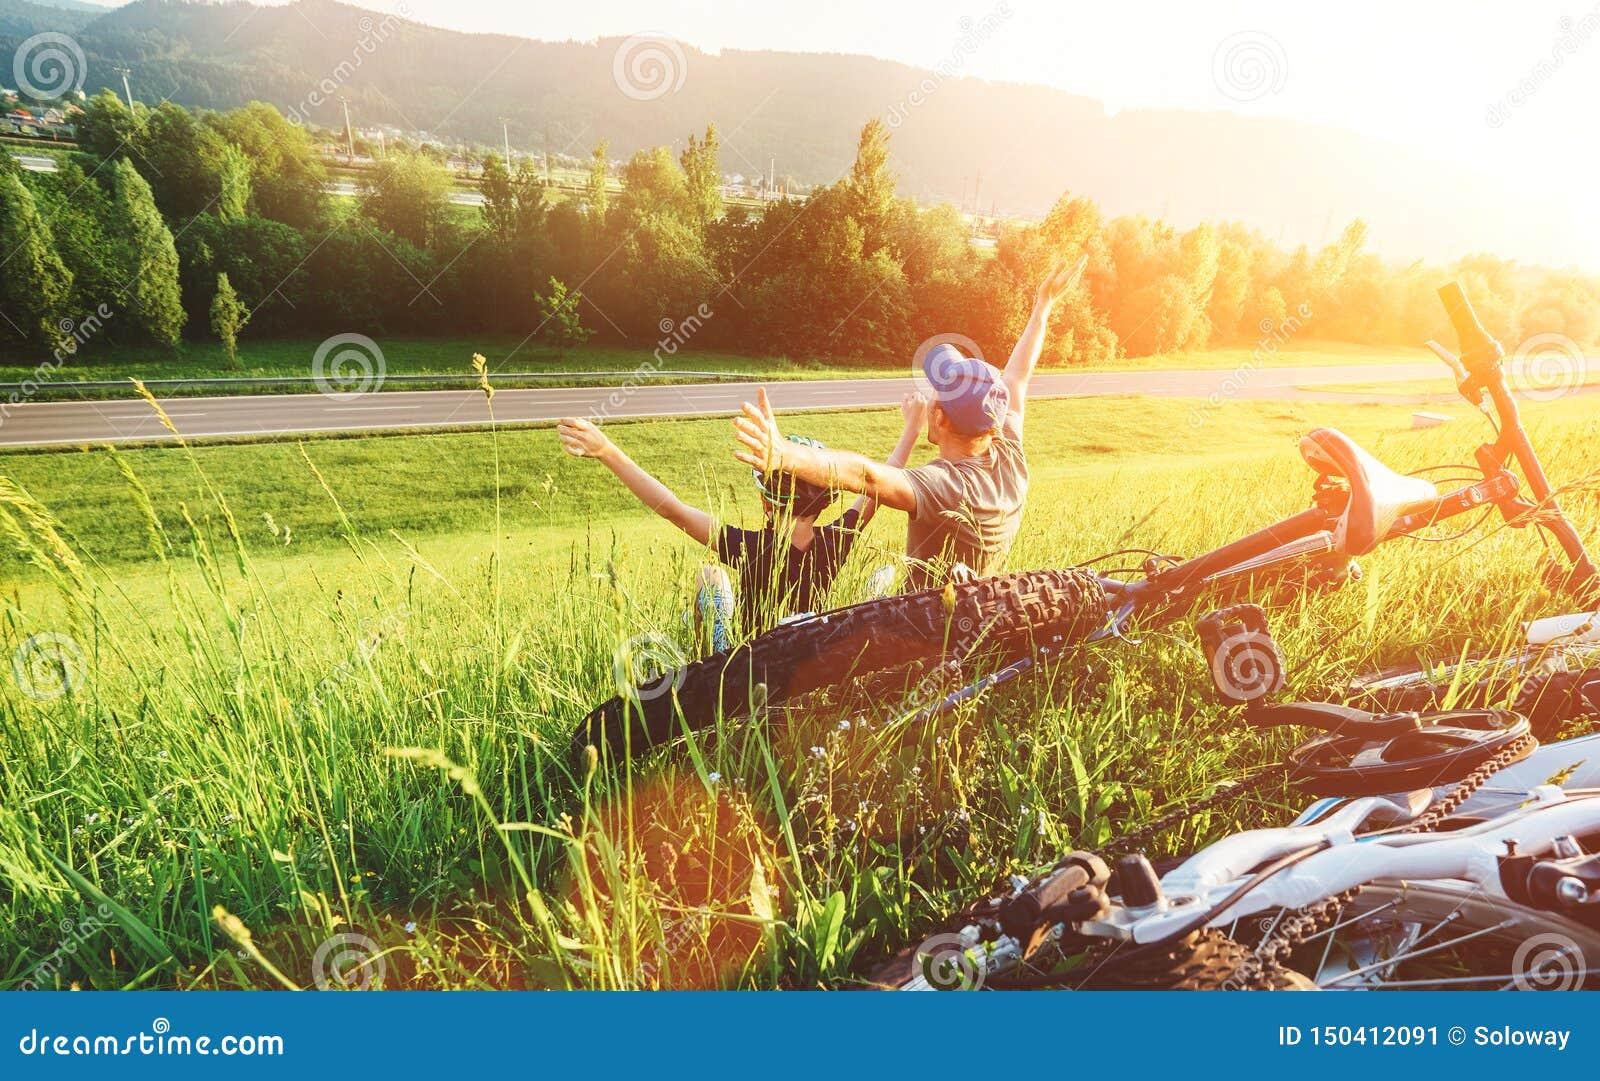 Ojca i syna odpoczynek wp?lnie w zielonej trawie gdy rowerowego spacer